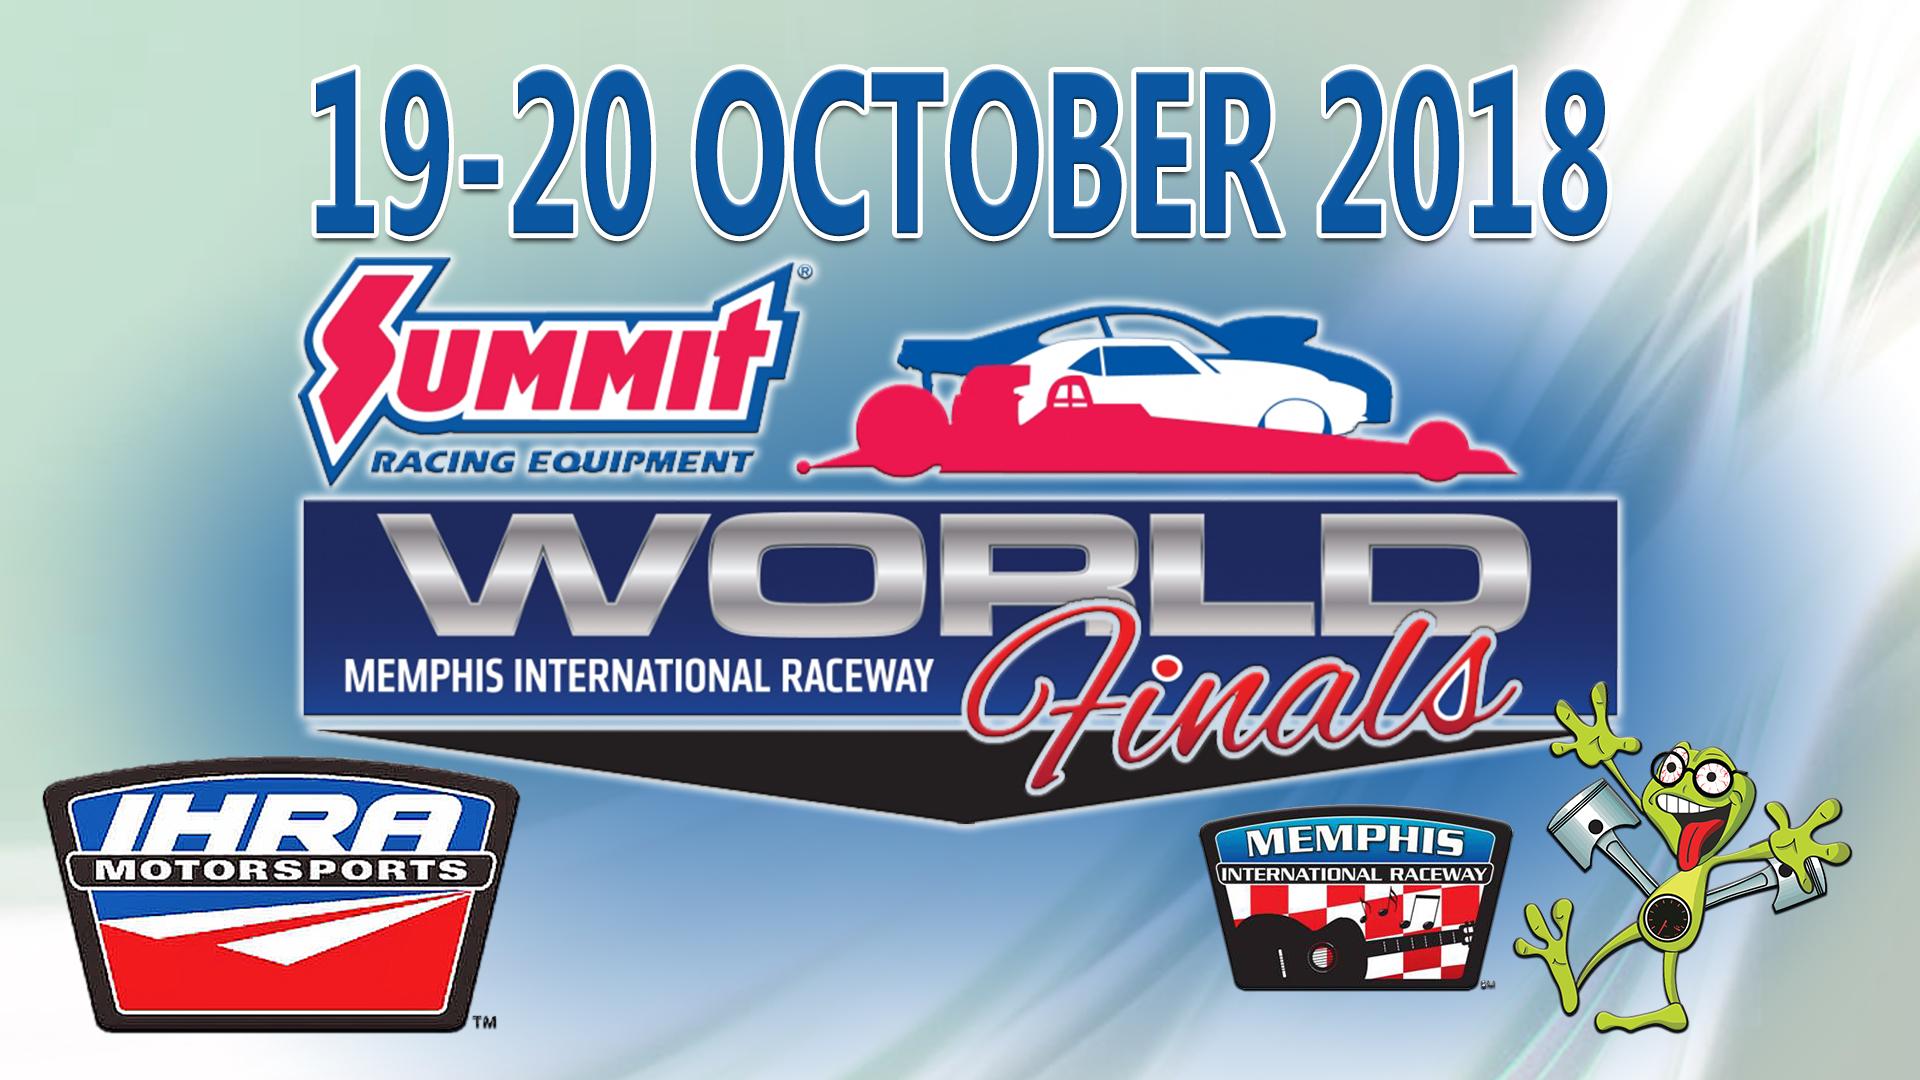 OCT19-20_IHRA WORLD FINAL2018_Wps3